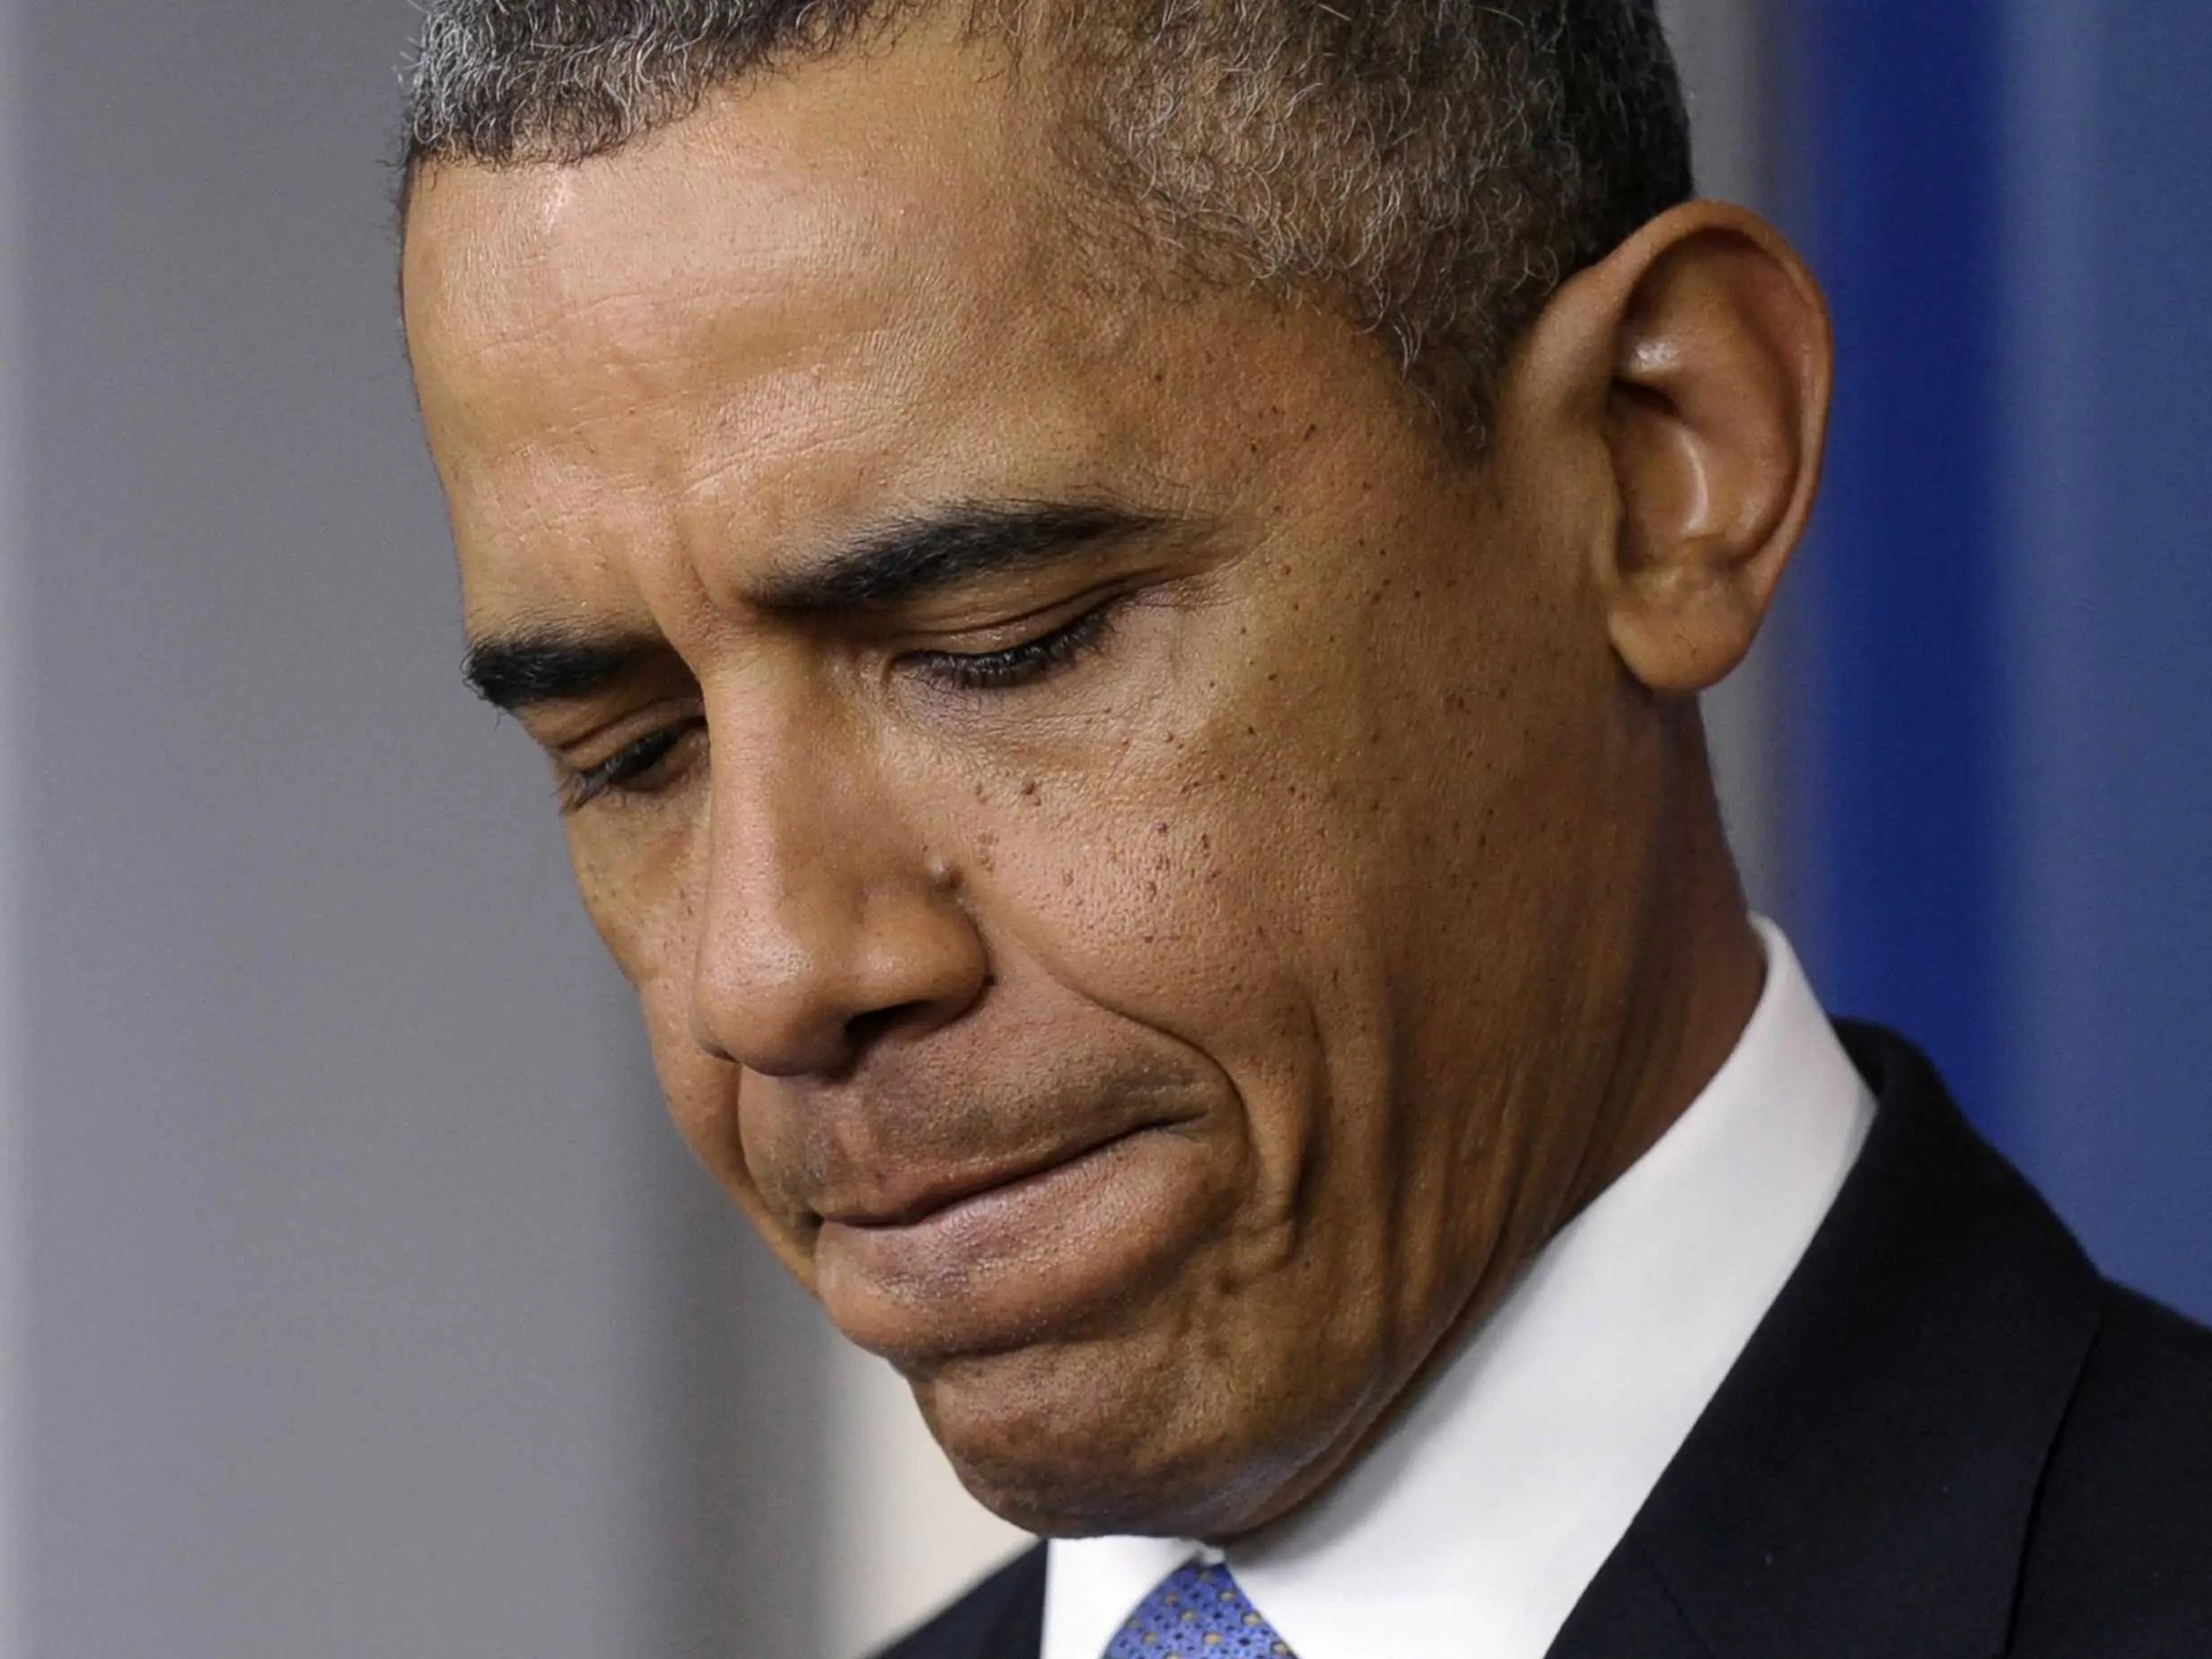 https://i2.wp.com/static4.businessinsider.com/image/5249ecf96bb3f7f25267b05d/obama-i-am-sorry.jpg